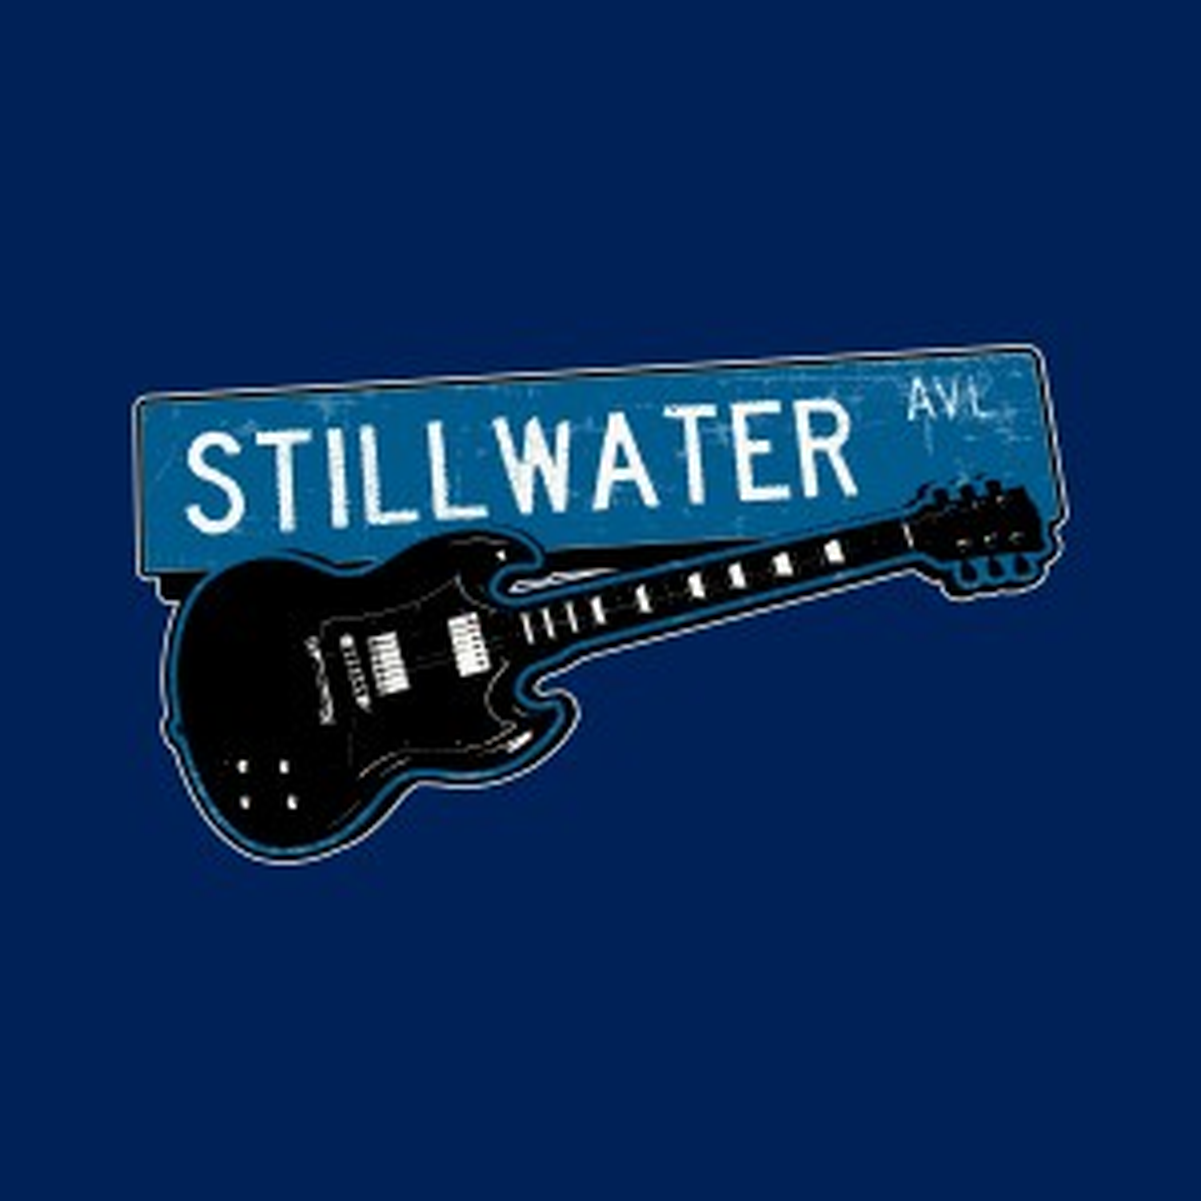 Stillwater Avenue